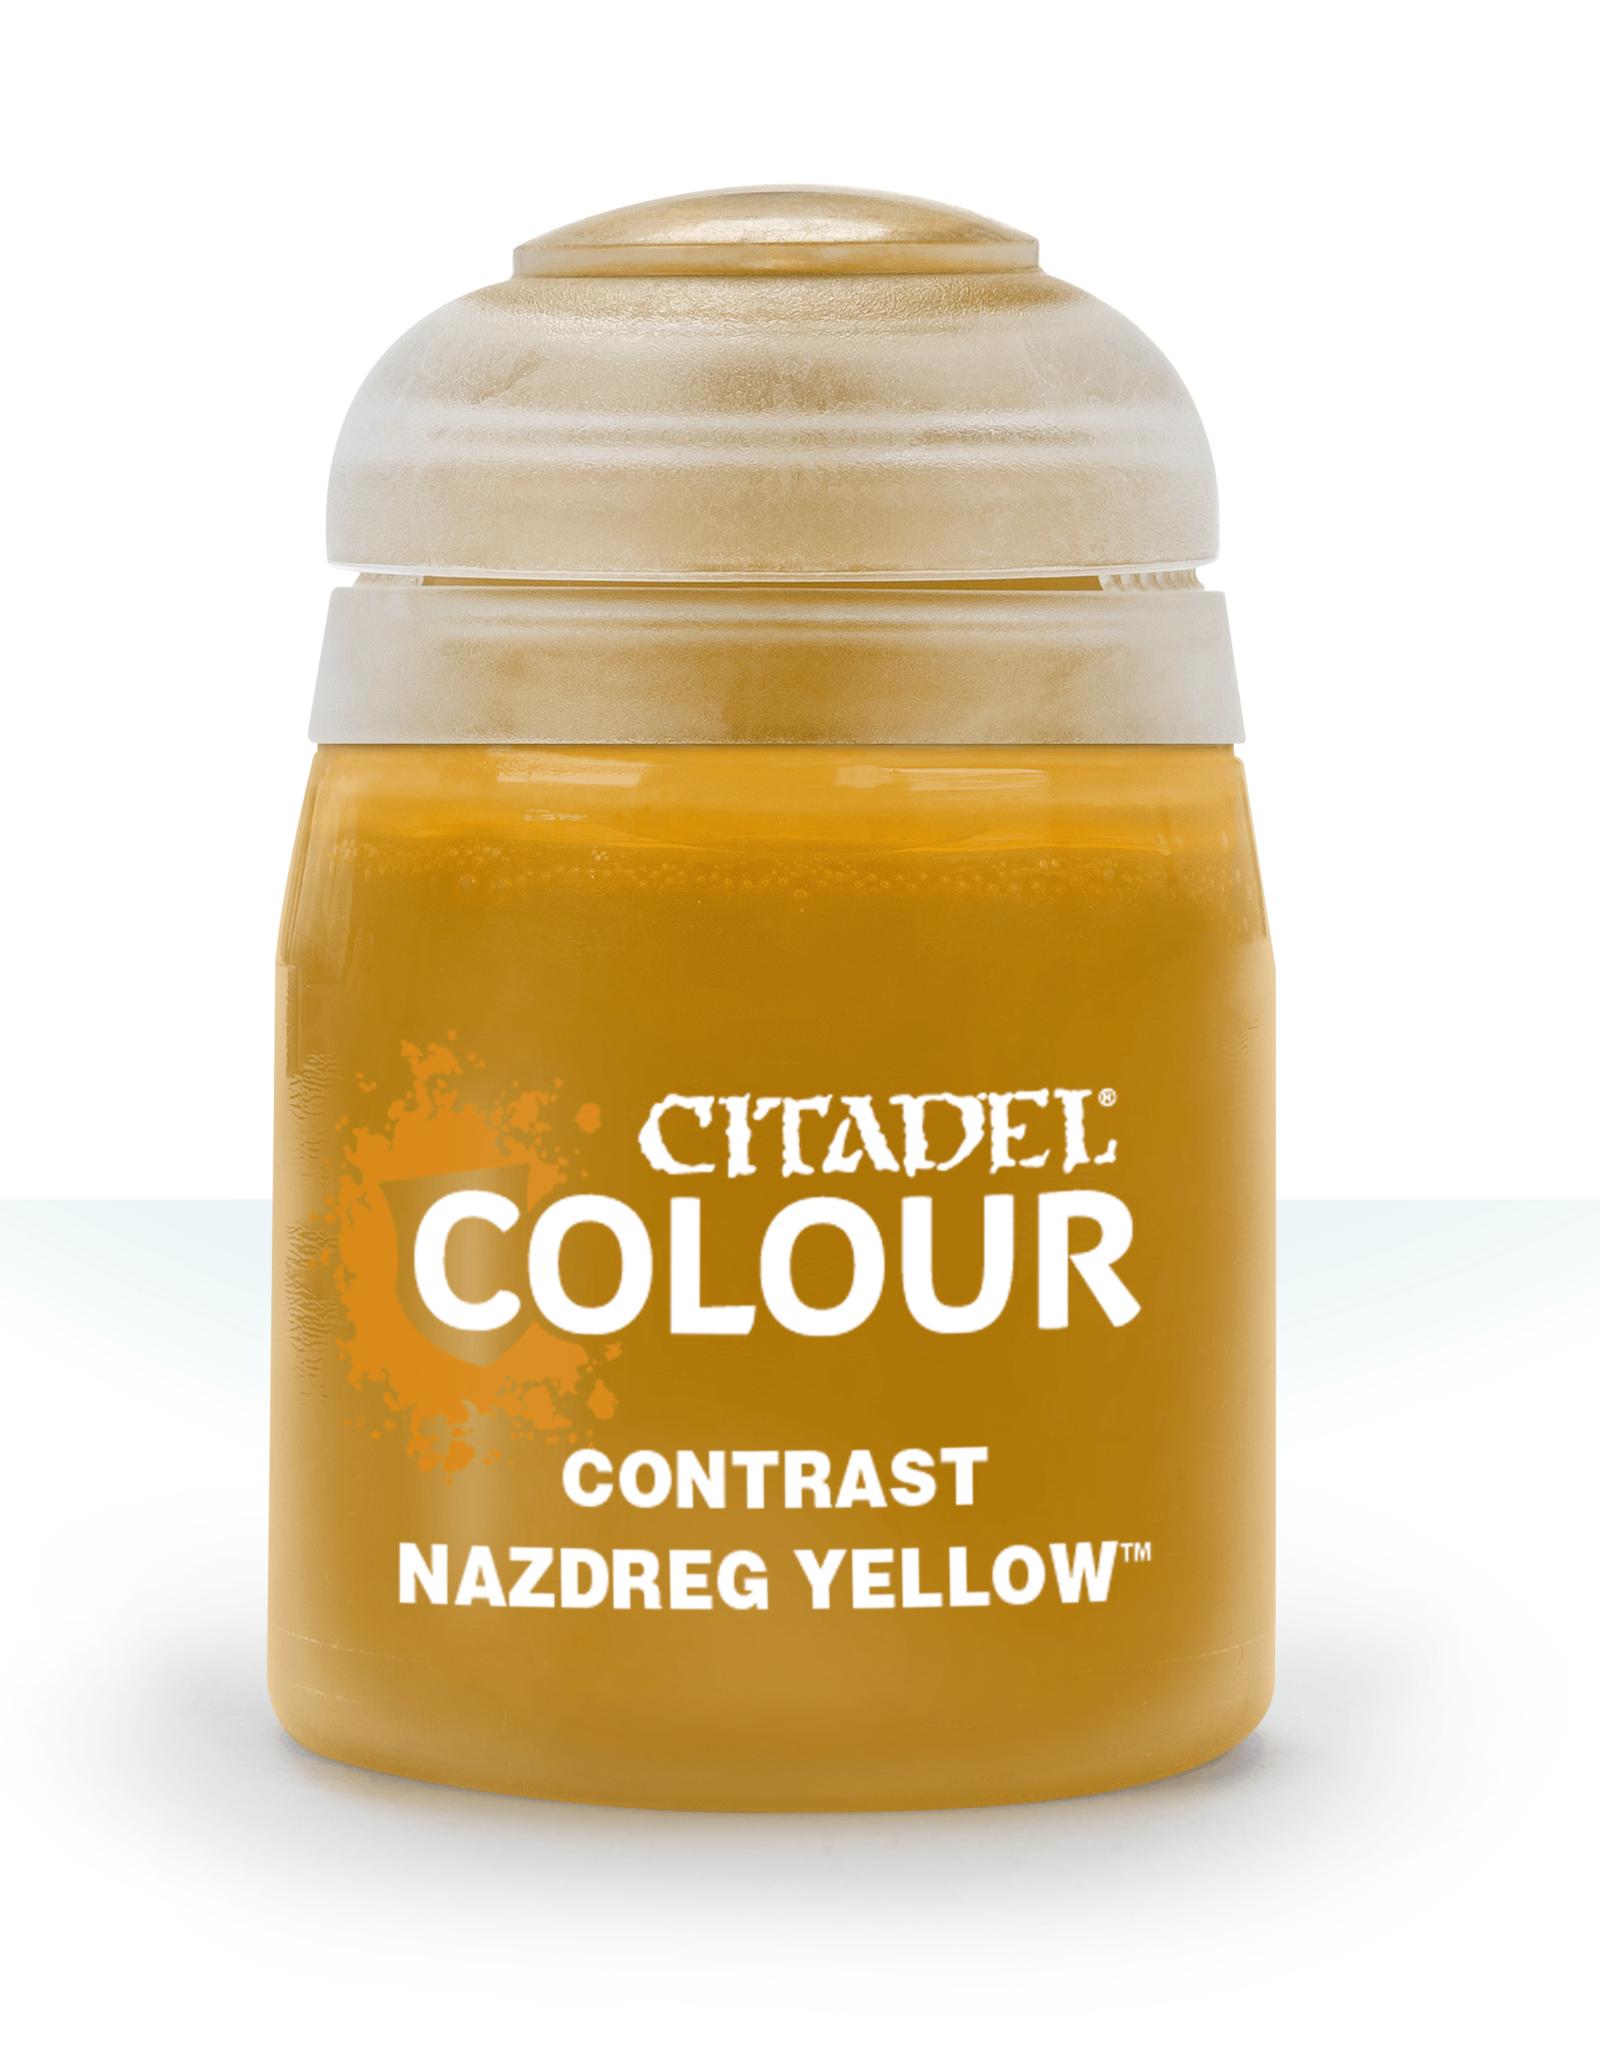 Citadel Citadel Contrast: Nazdreg Yellow (18ml)